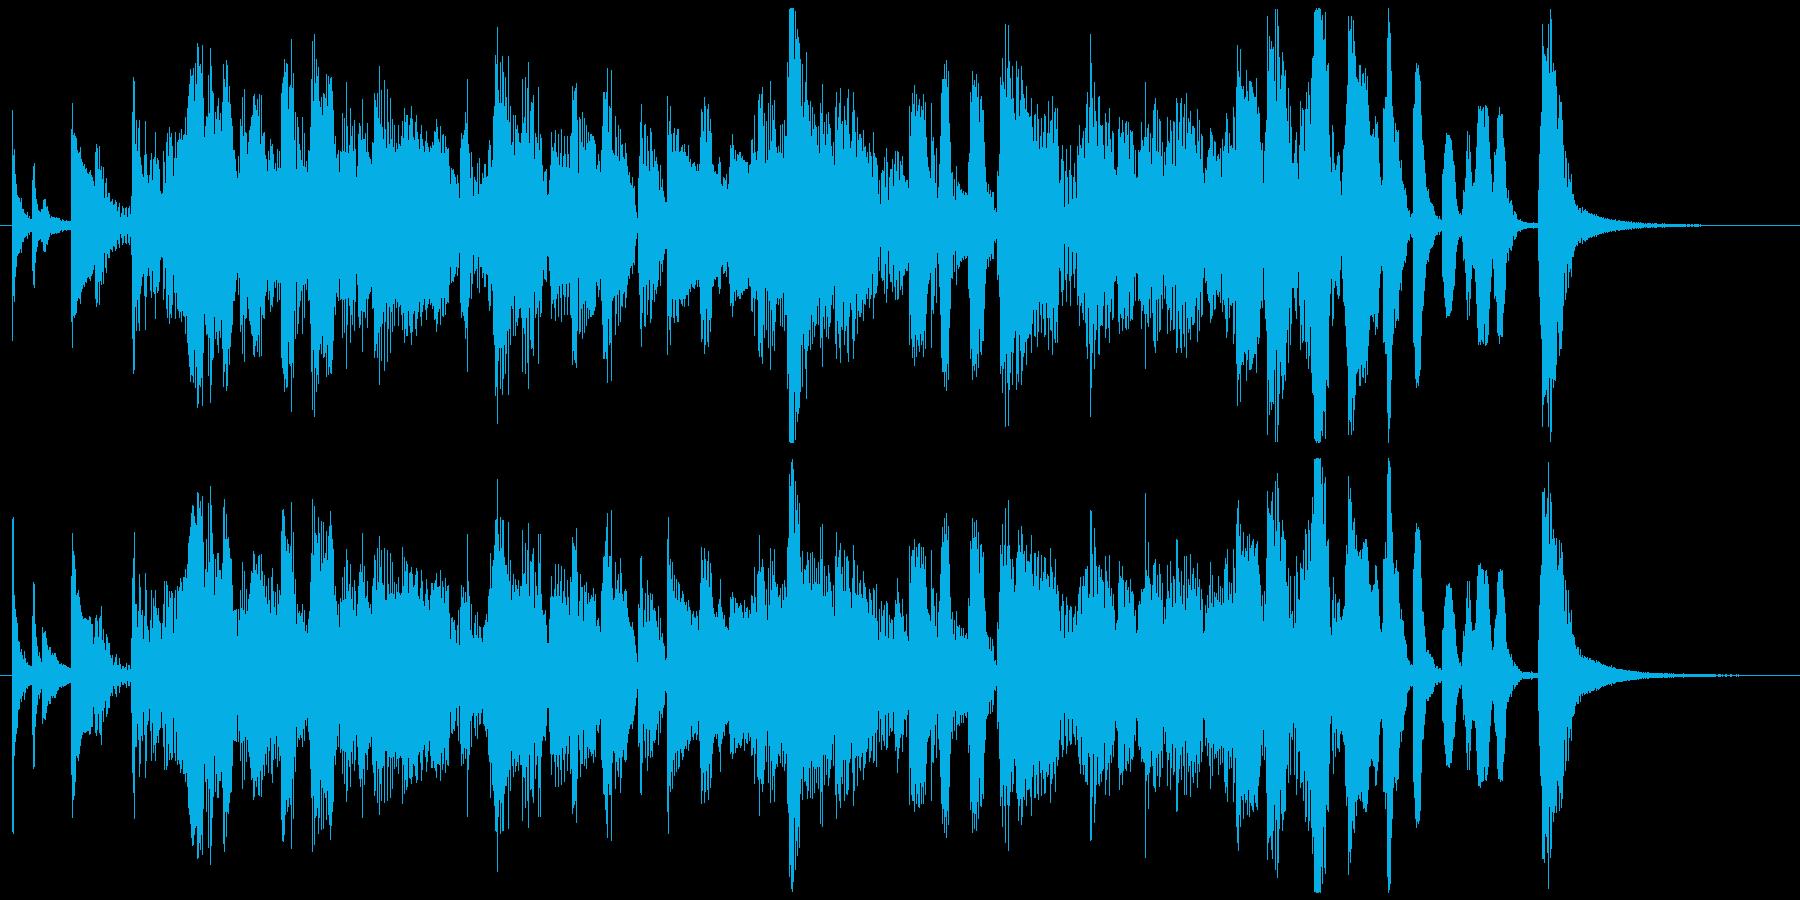 ノリの良いジャズブルースのジングルの再生済みの波形